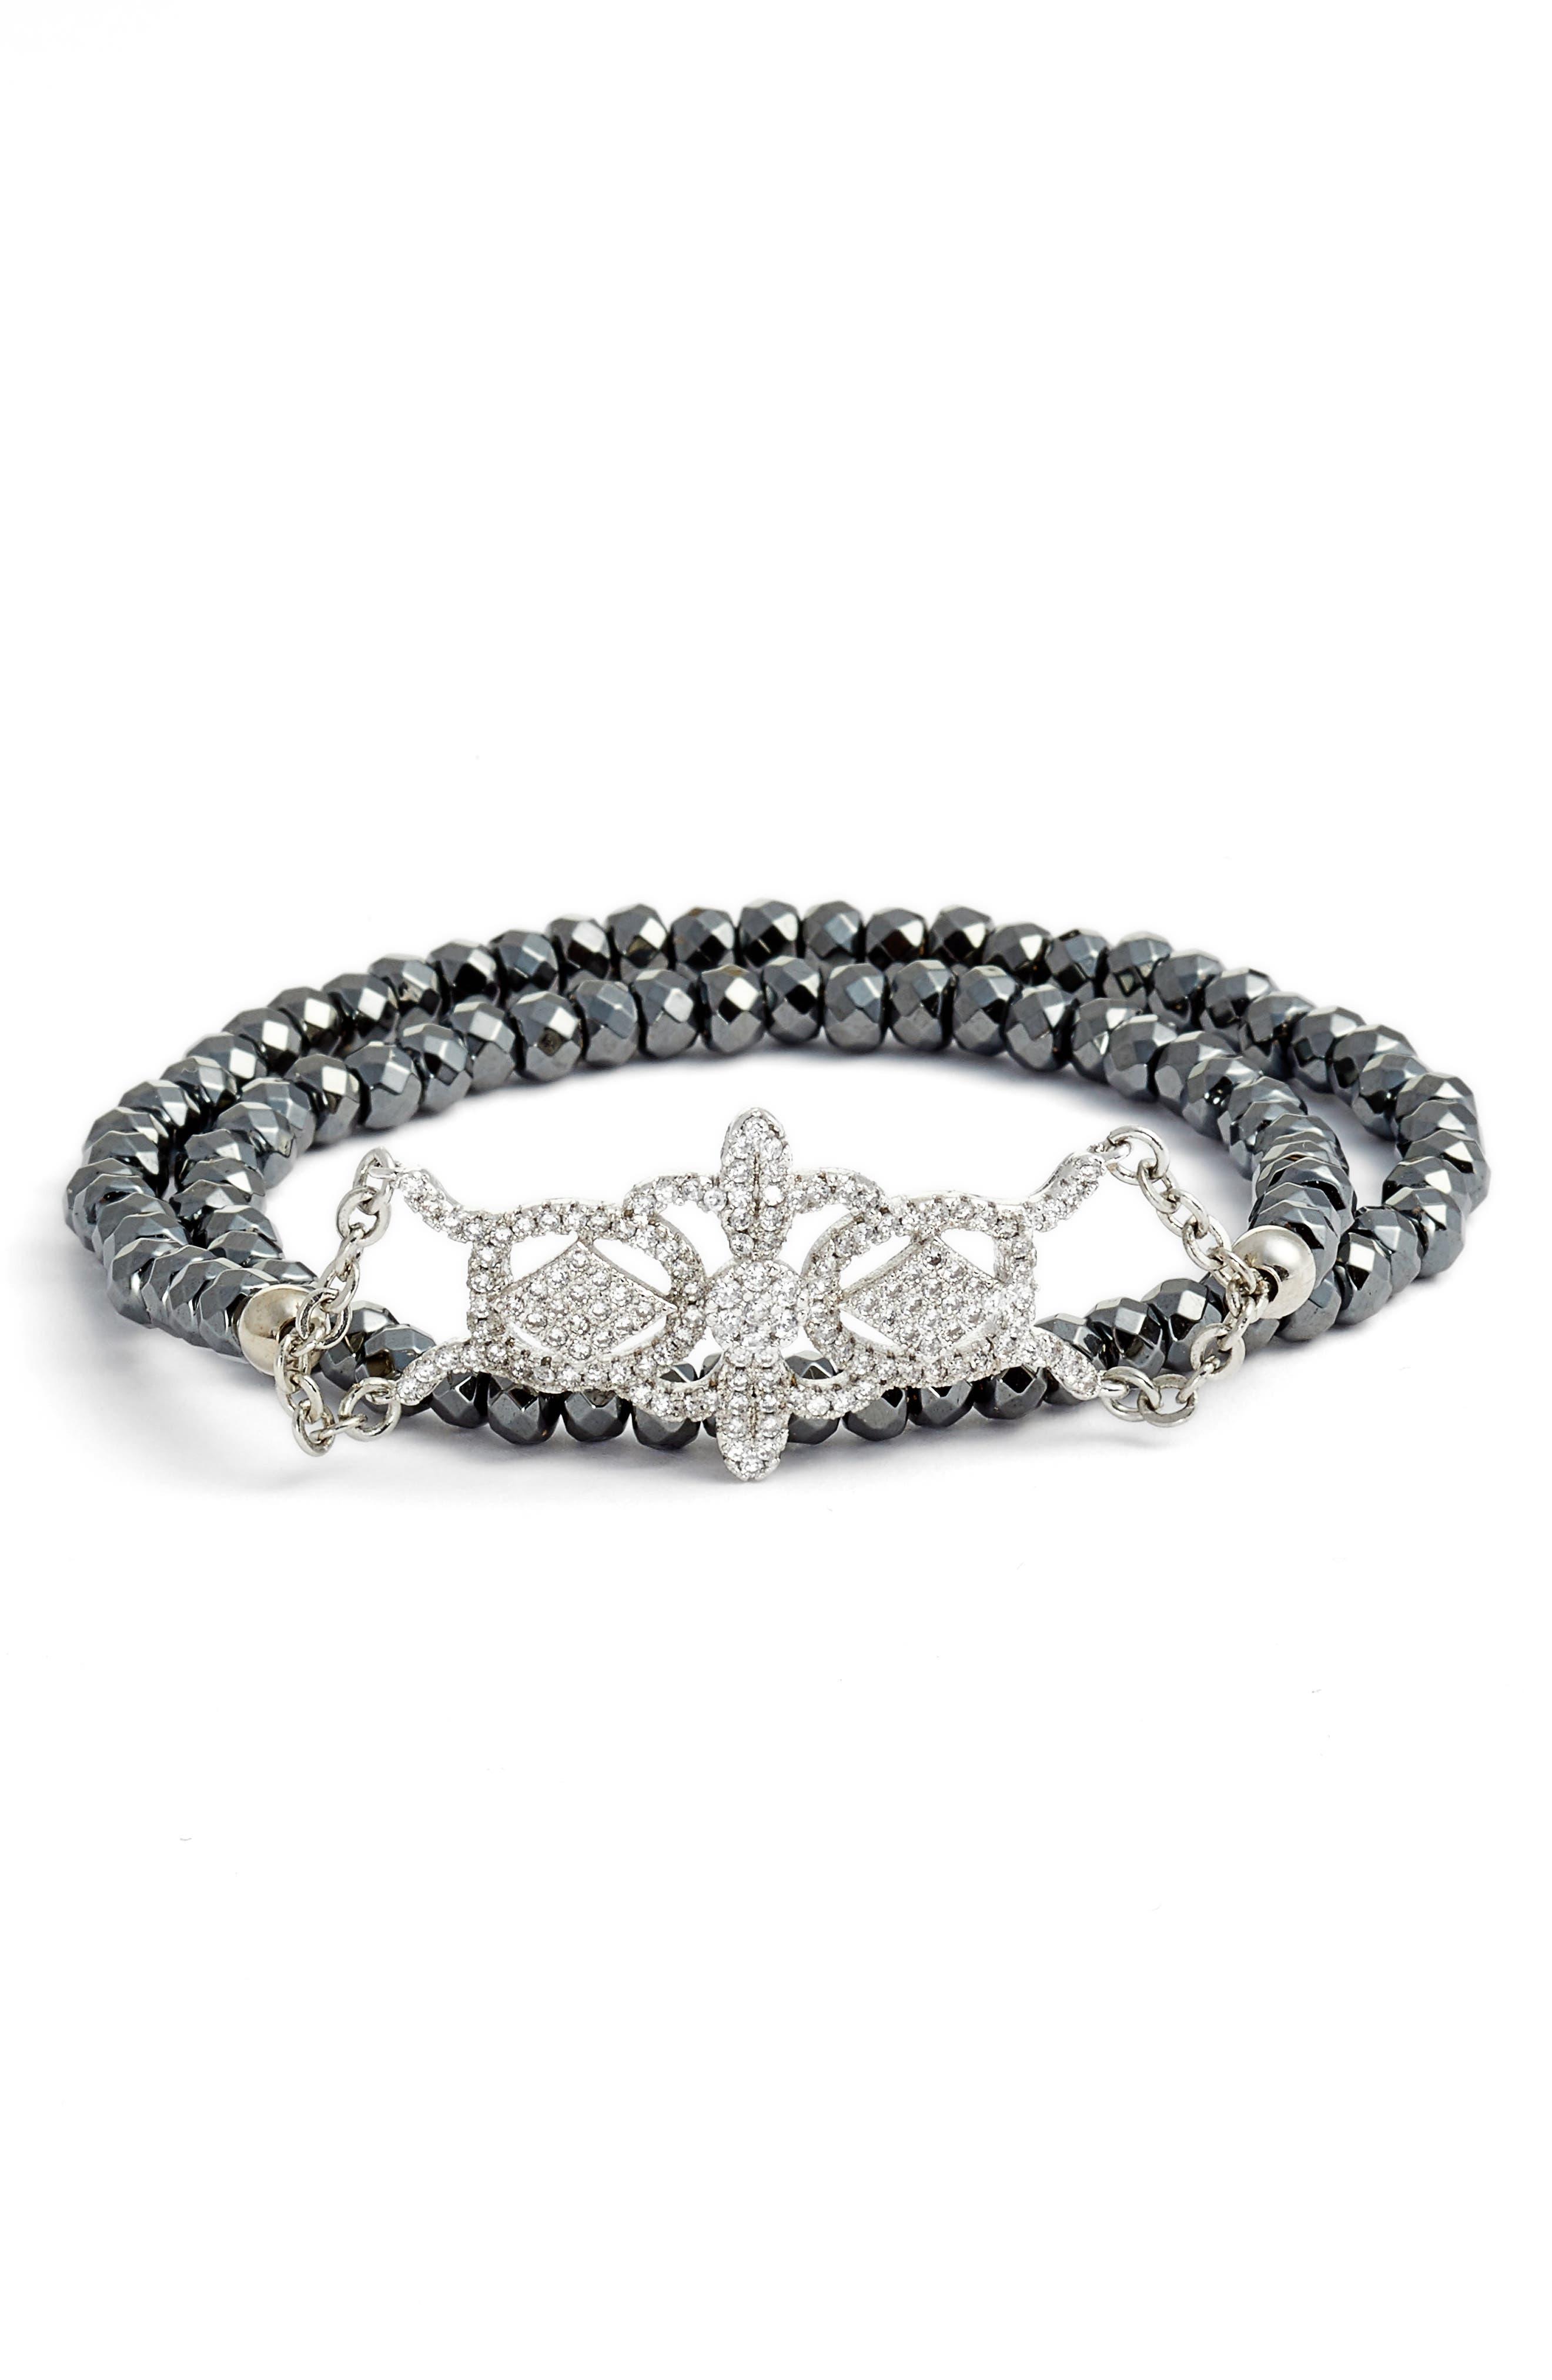 Elise M. Gatsby Double Wrap Stretch Bracelet with Pavé Art Deco Detail